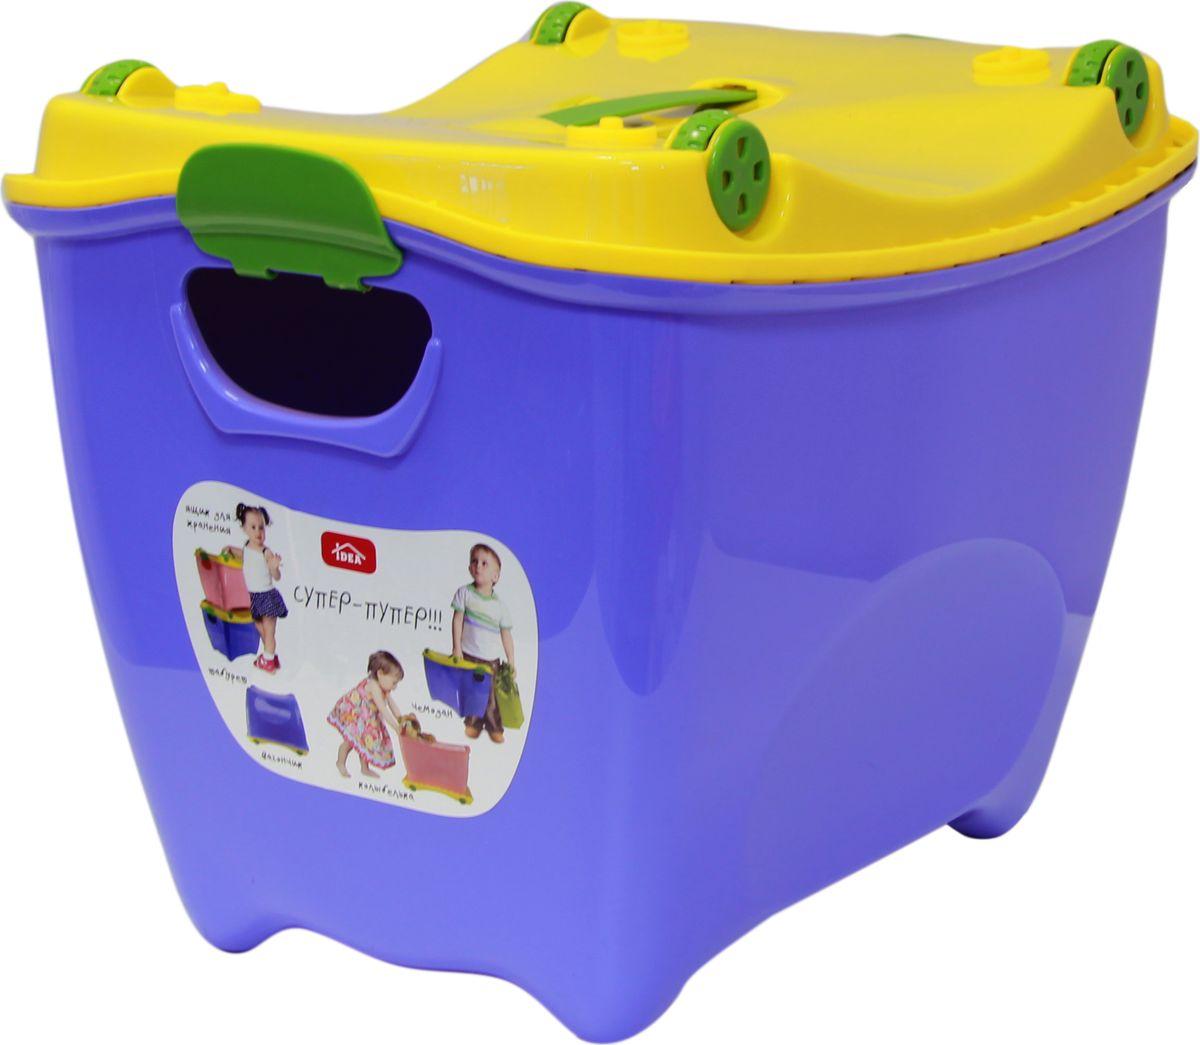 Idea Ящик для игрушек Супер-пупер цвет сиреневый 30,5 х 40 х 30,5 смМ 2599